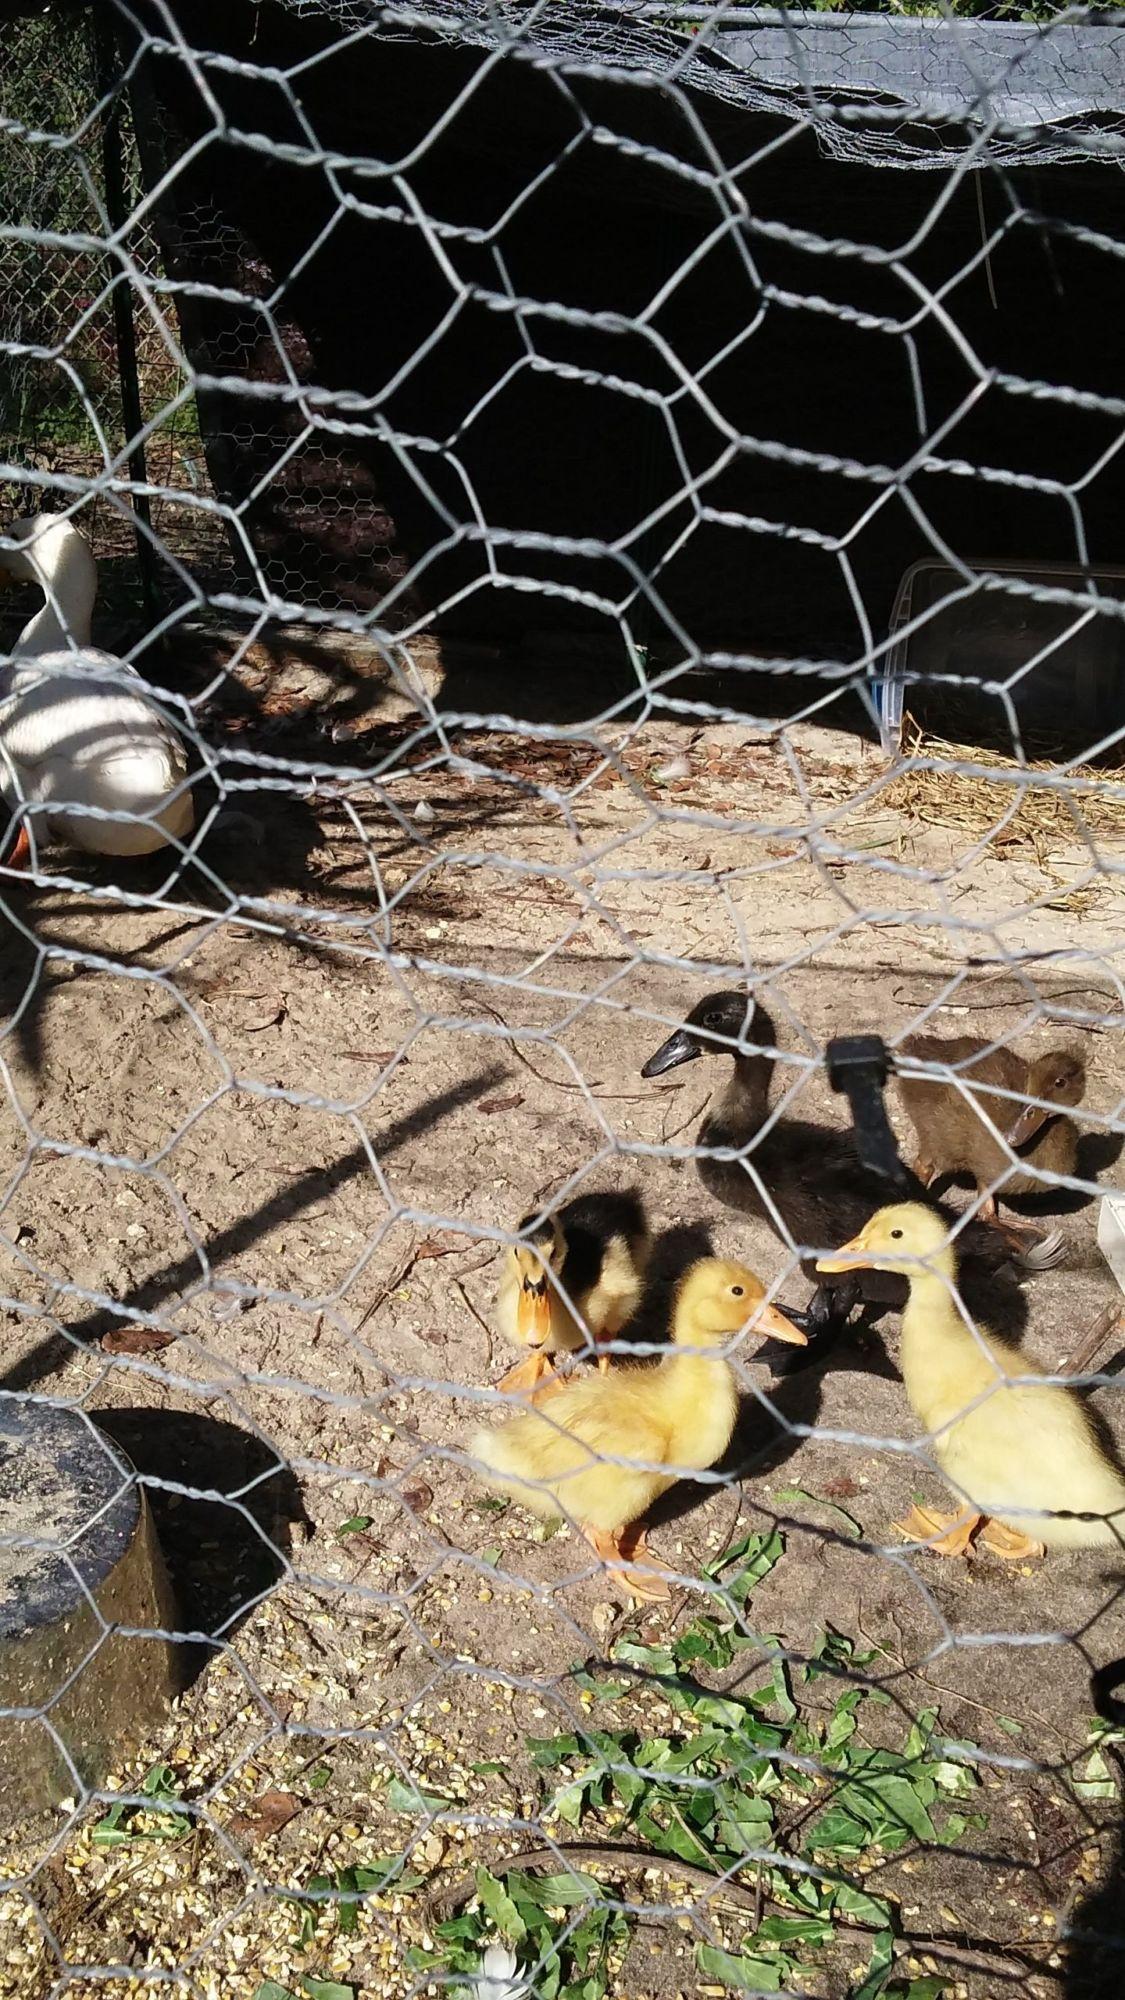 Little ducks enjoying breakfast